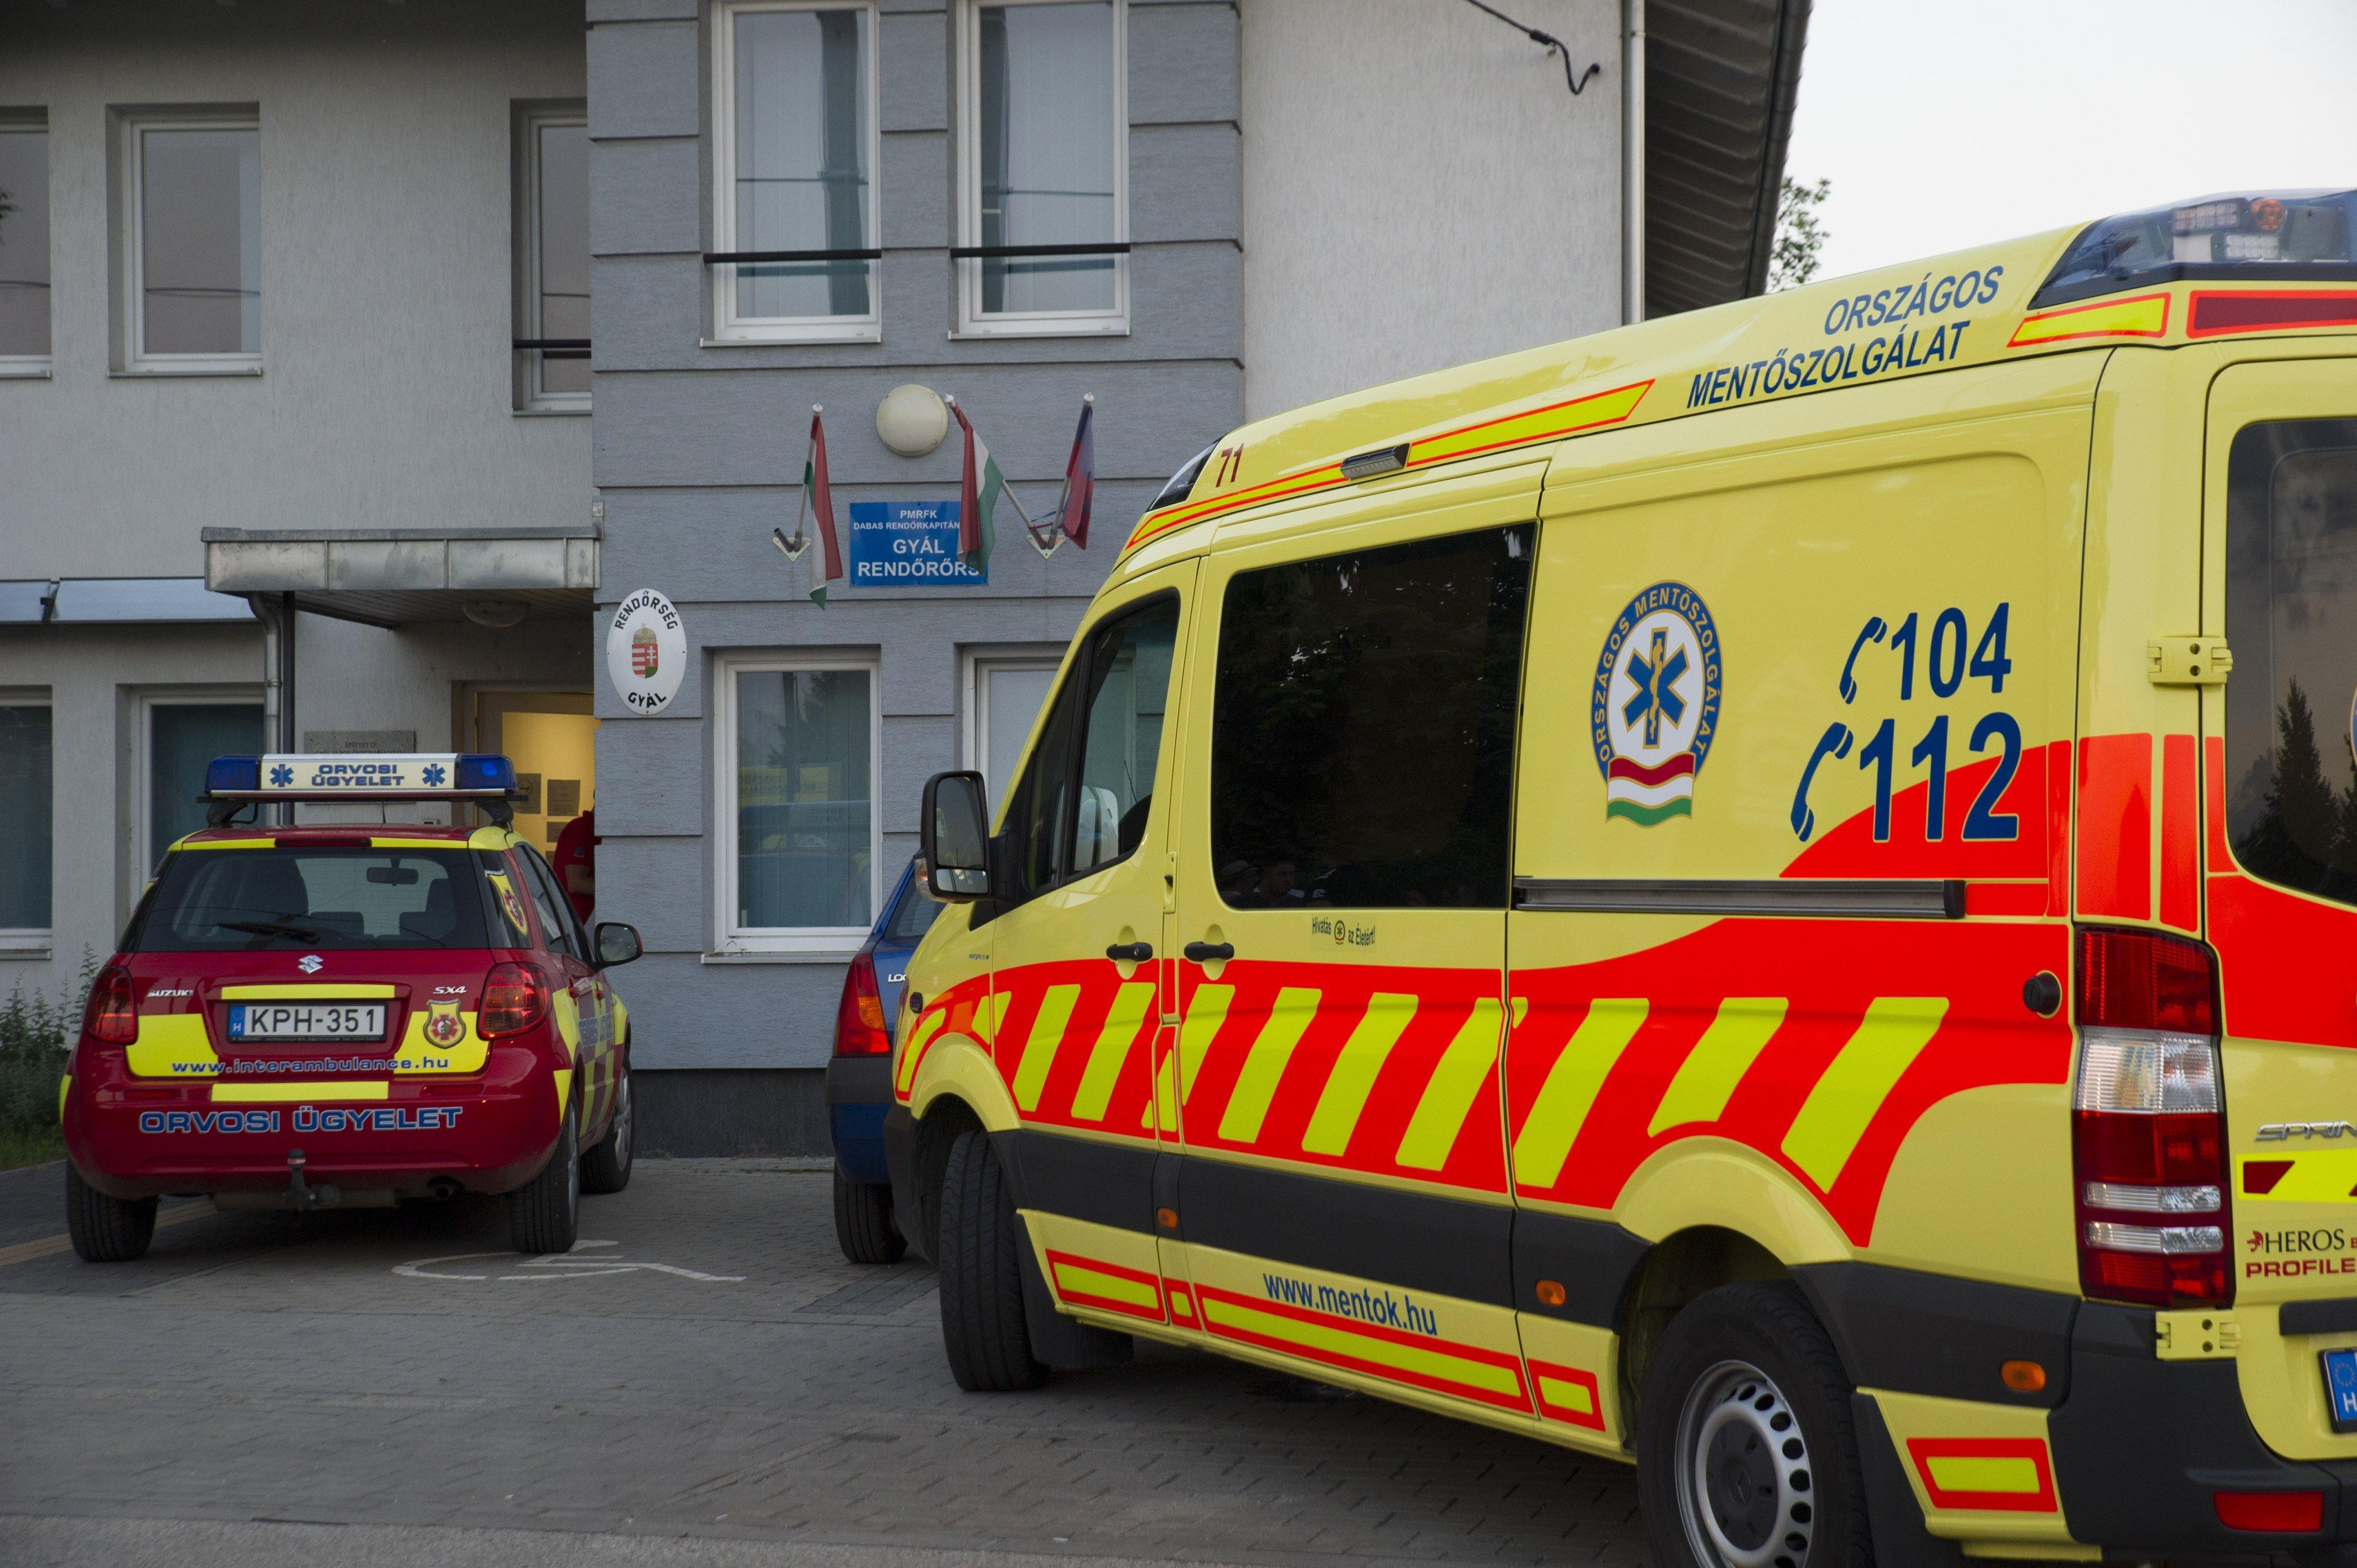 Meghalt egy álláskereső férfi, miután a munkaszervező fejbevágta egy benzinkúton, majd az egészet eltitkolta a mentők elől